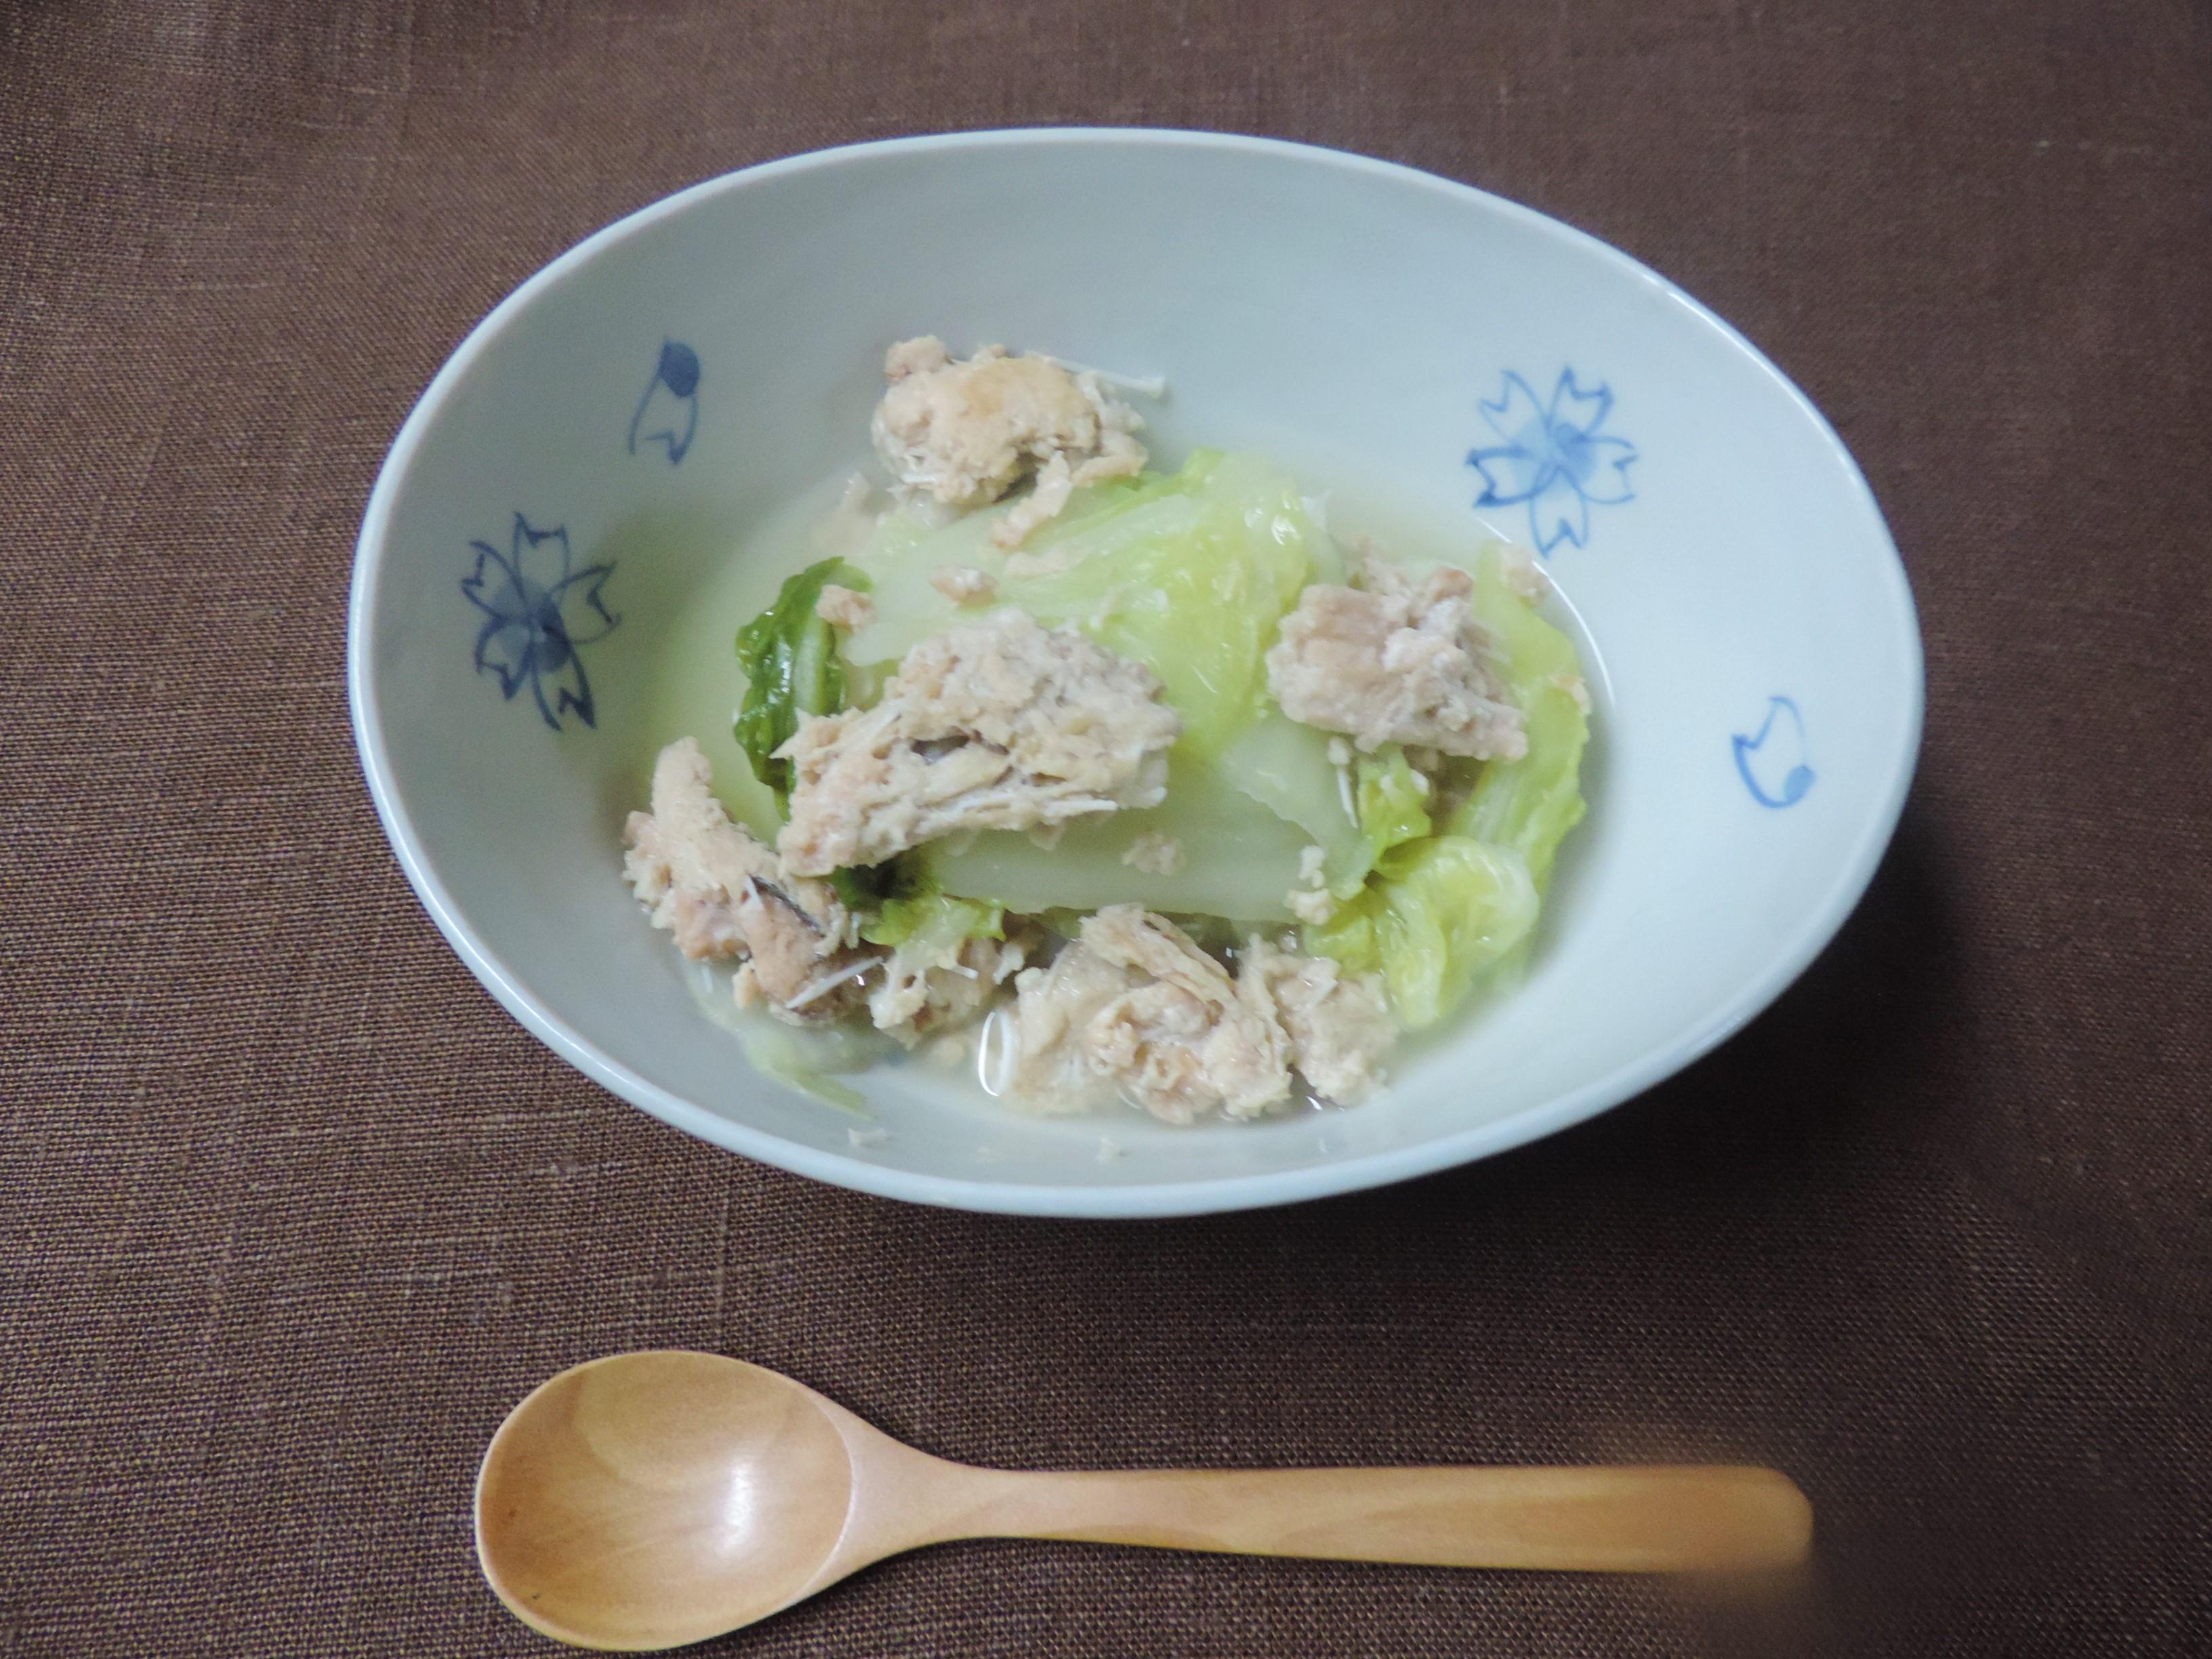 【養生レシピ⑥♥】缶詰で簡単に!「白菜とさけ缶の煮つけ」